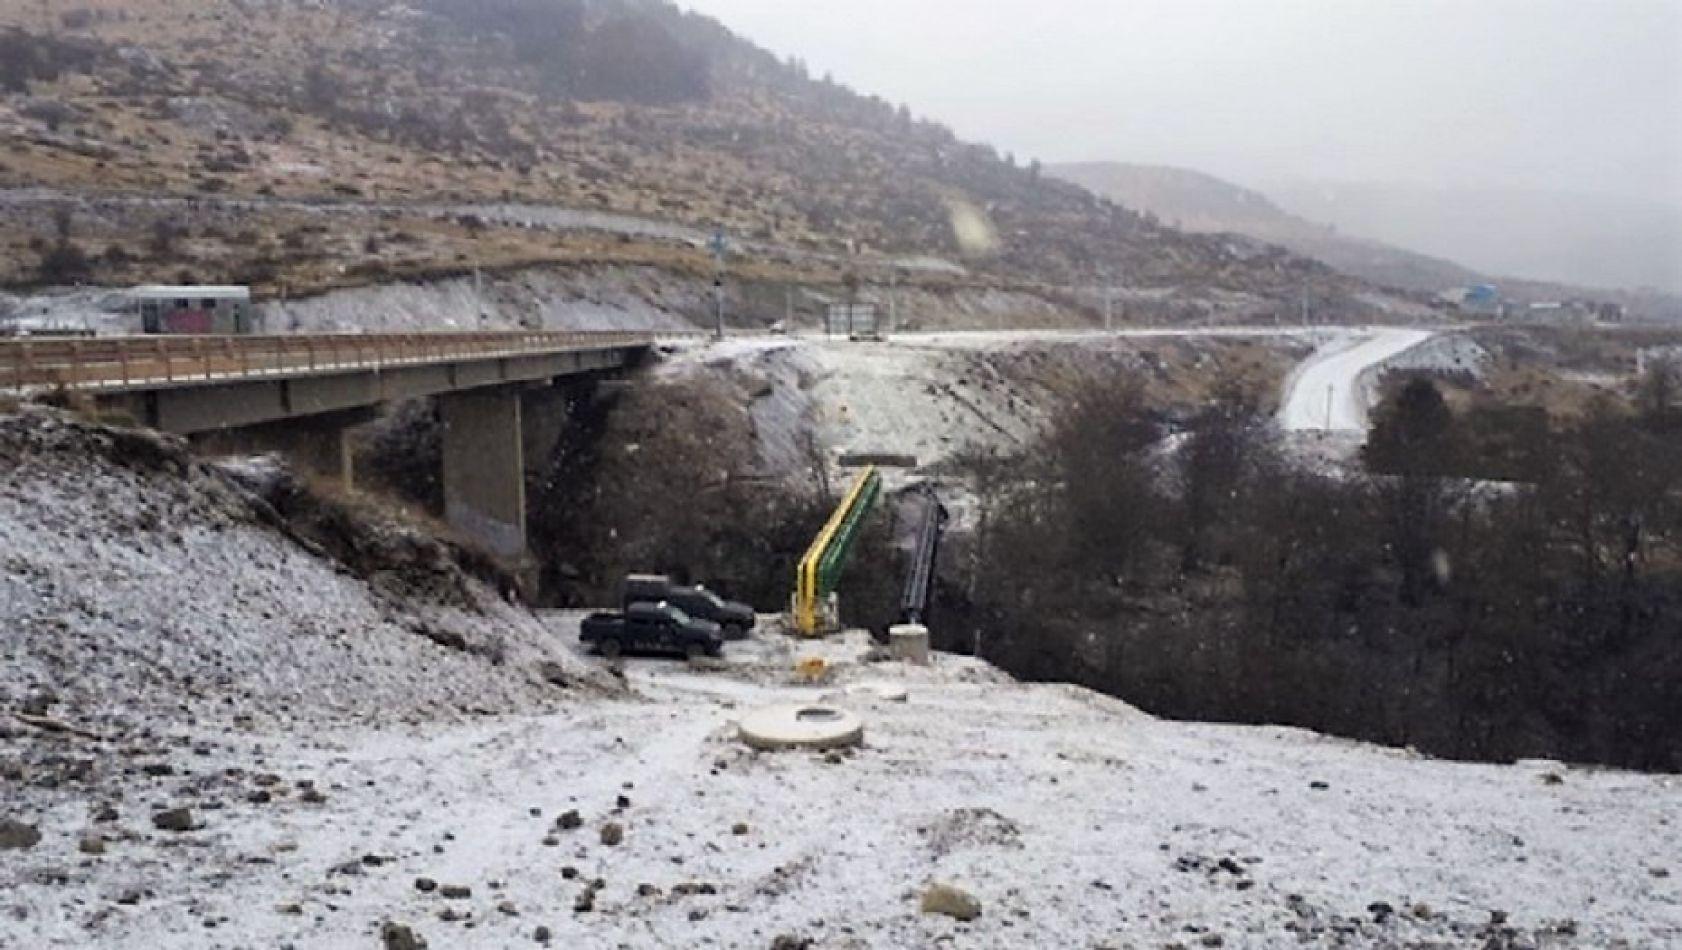 El puente sobre el Arroyo Grande. Debajo fue encontrado el cuerpo de Iryna.